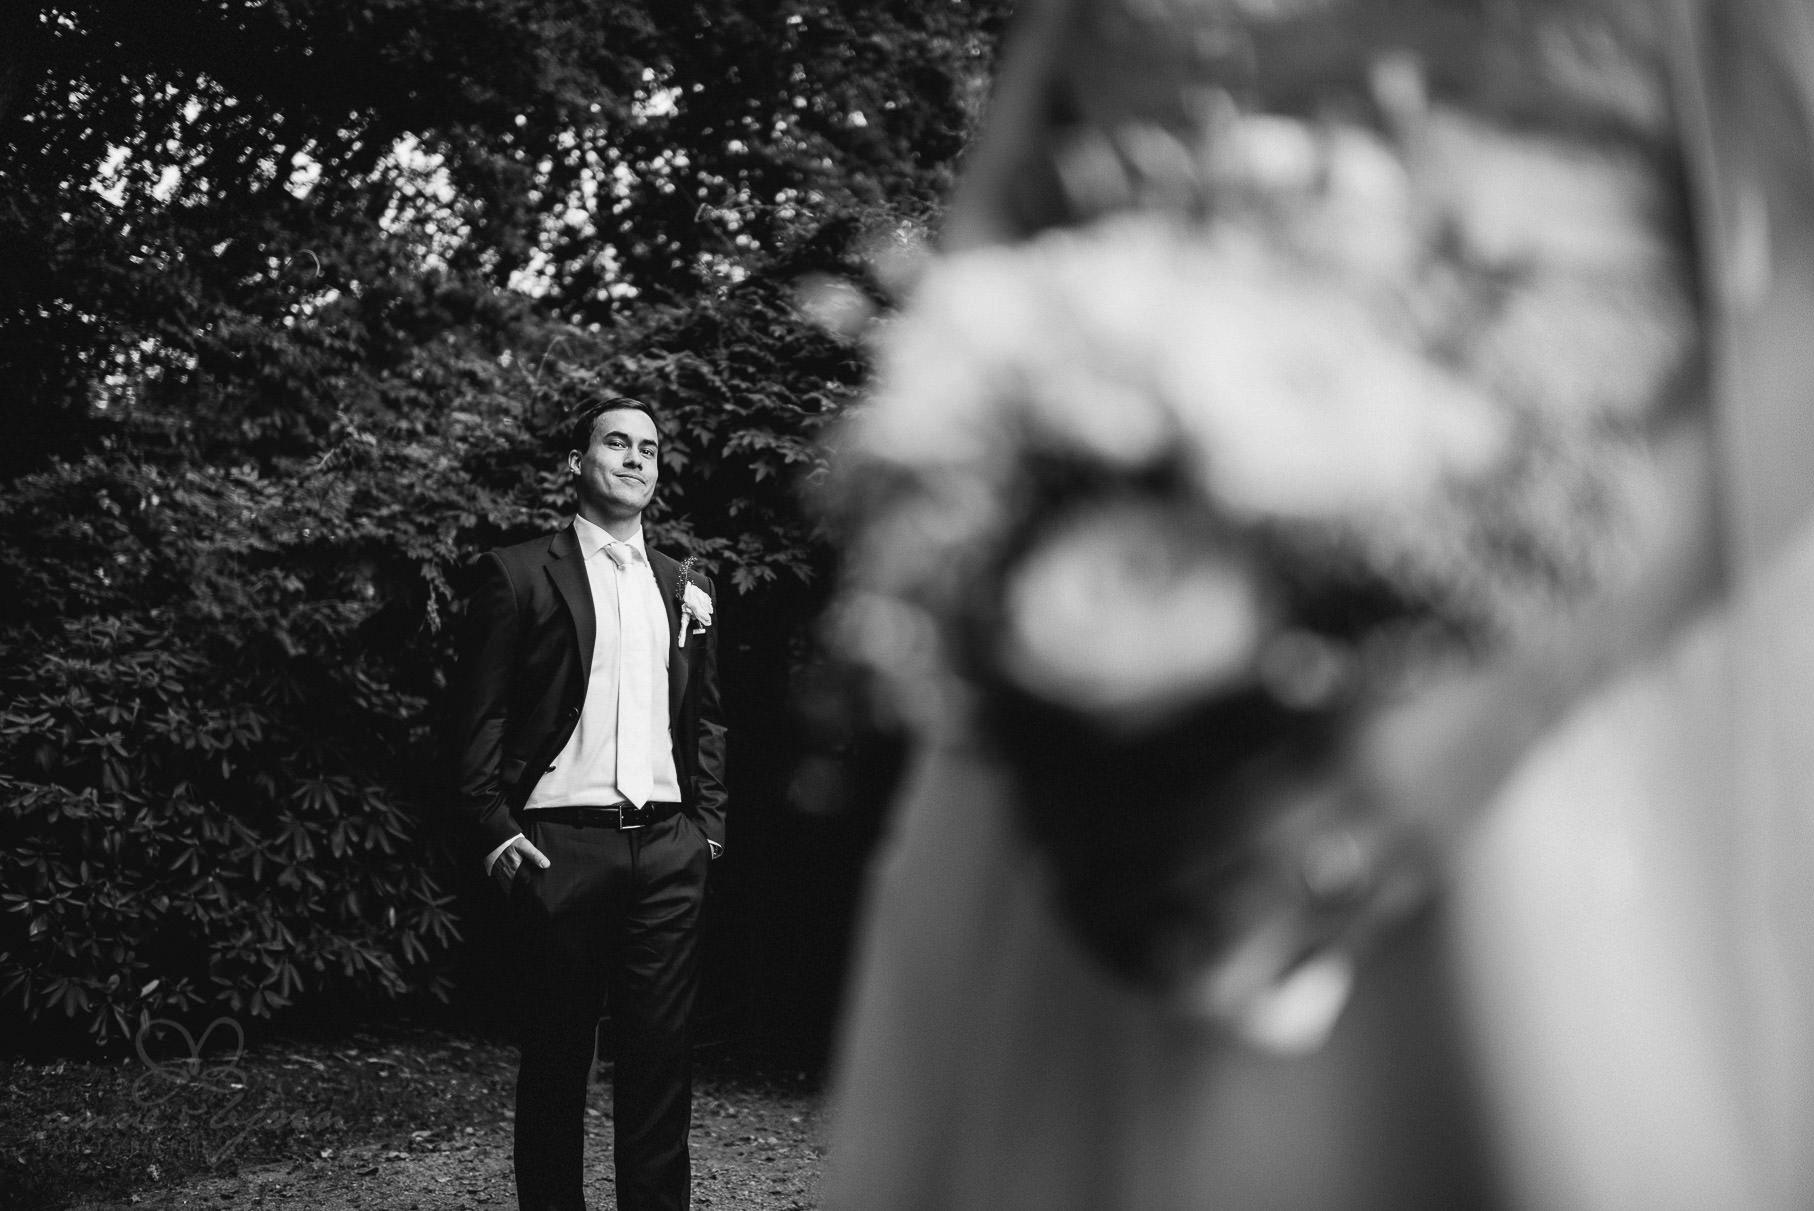 0048 euo 812 1370 - Hochzeit im Schloss Reinbek - Elvira & Olaf